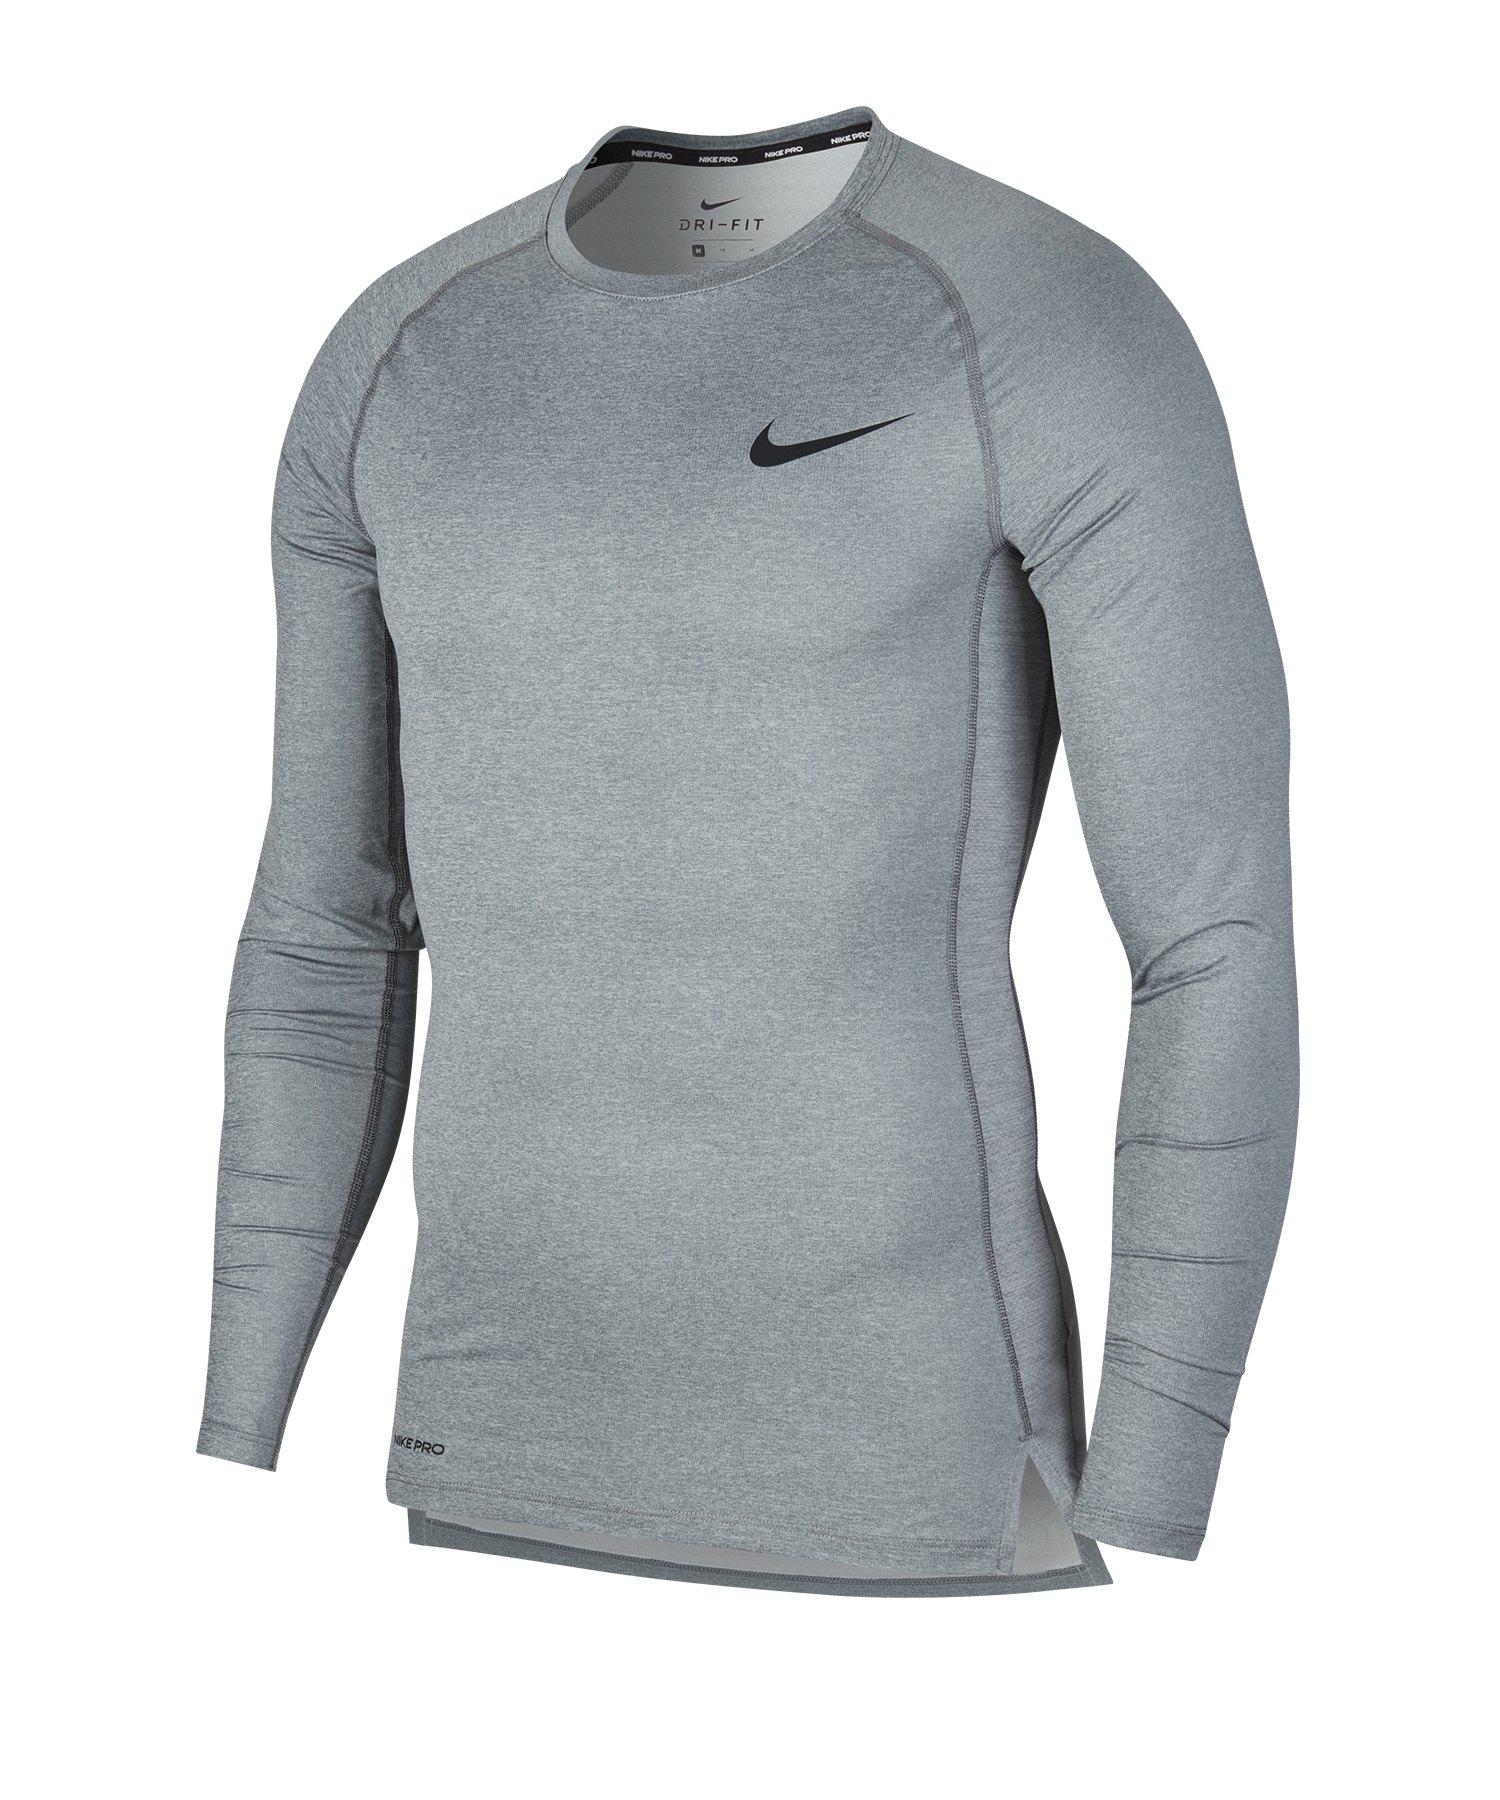 Nike Pro Langarmshirt Grau F068 - grau